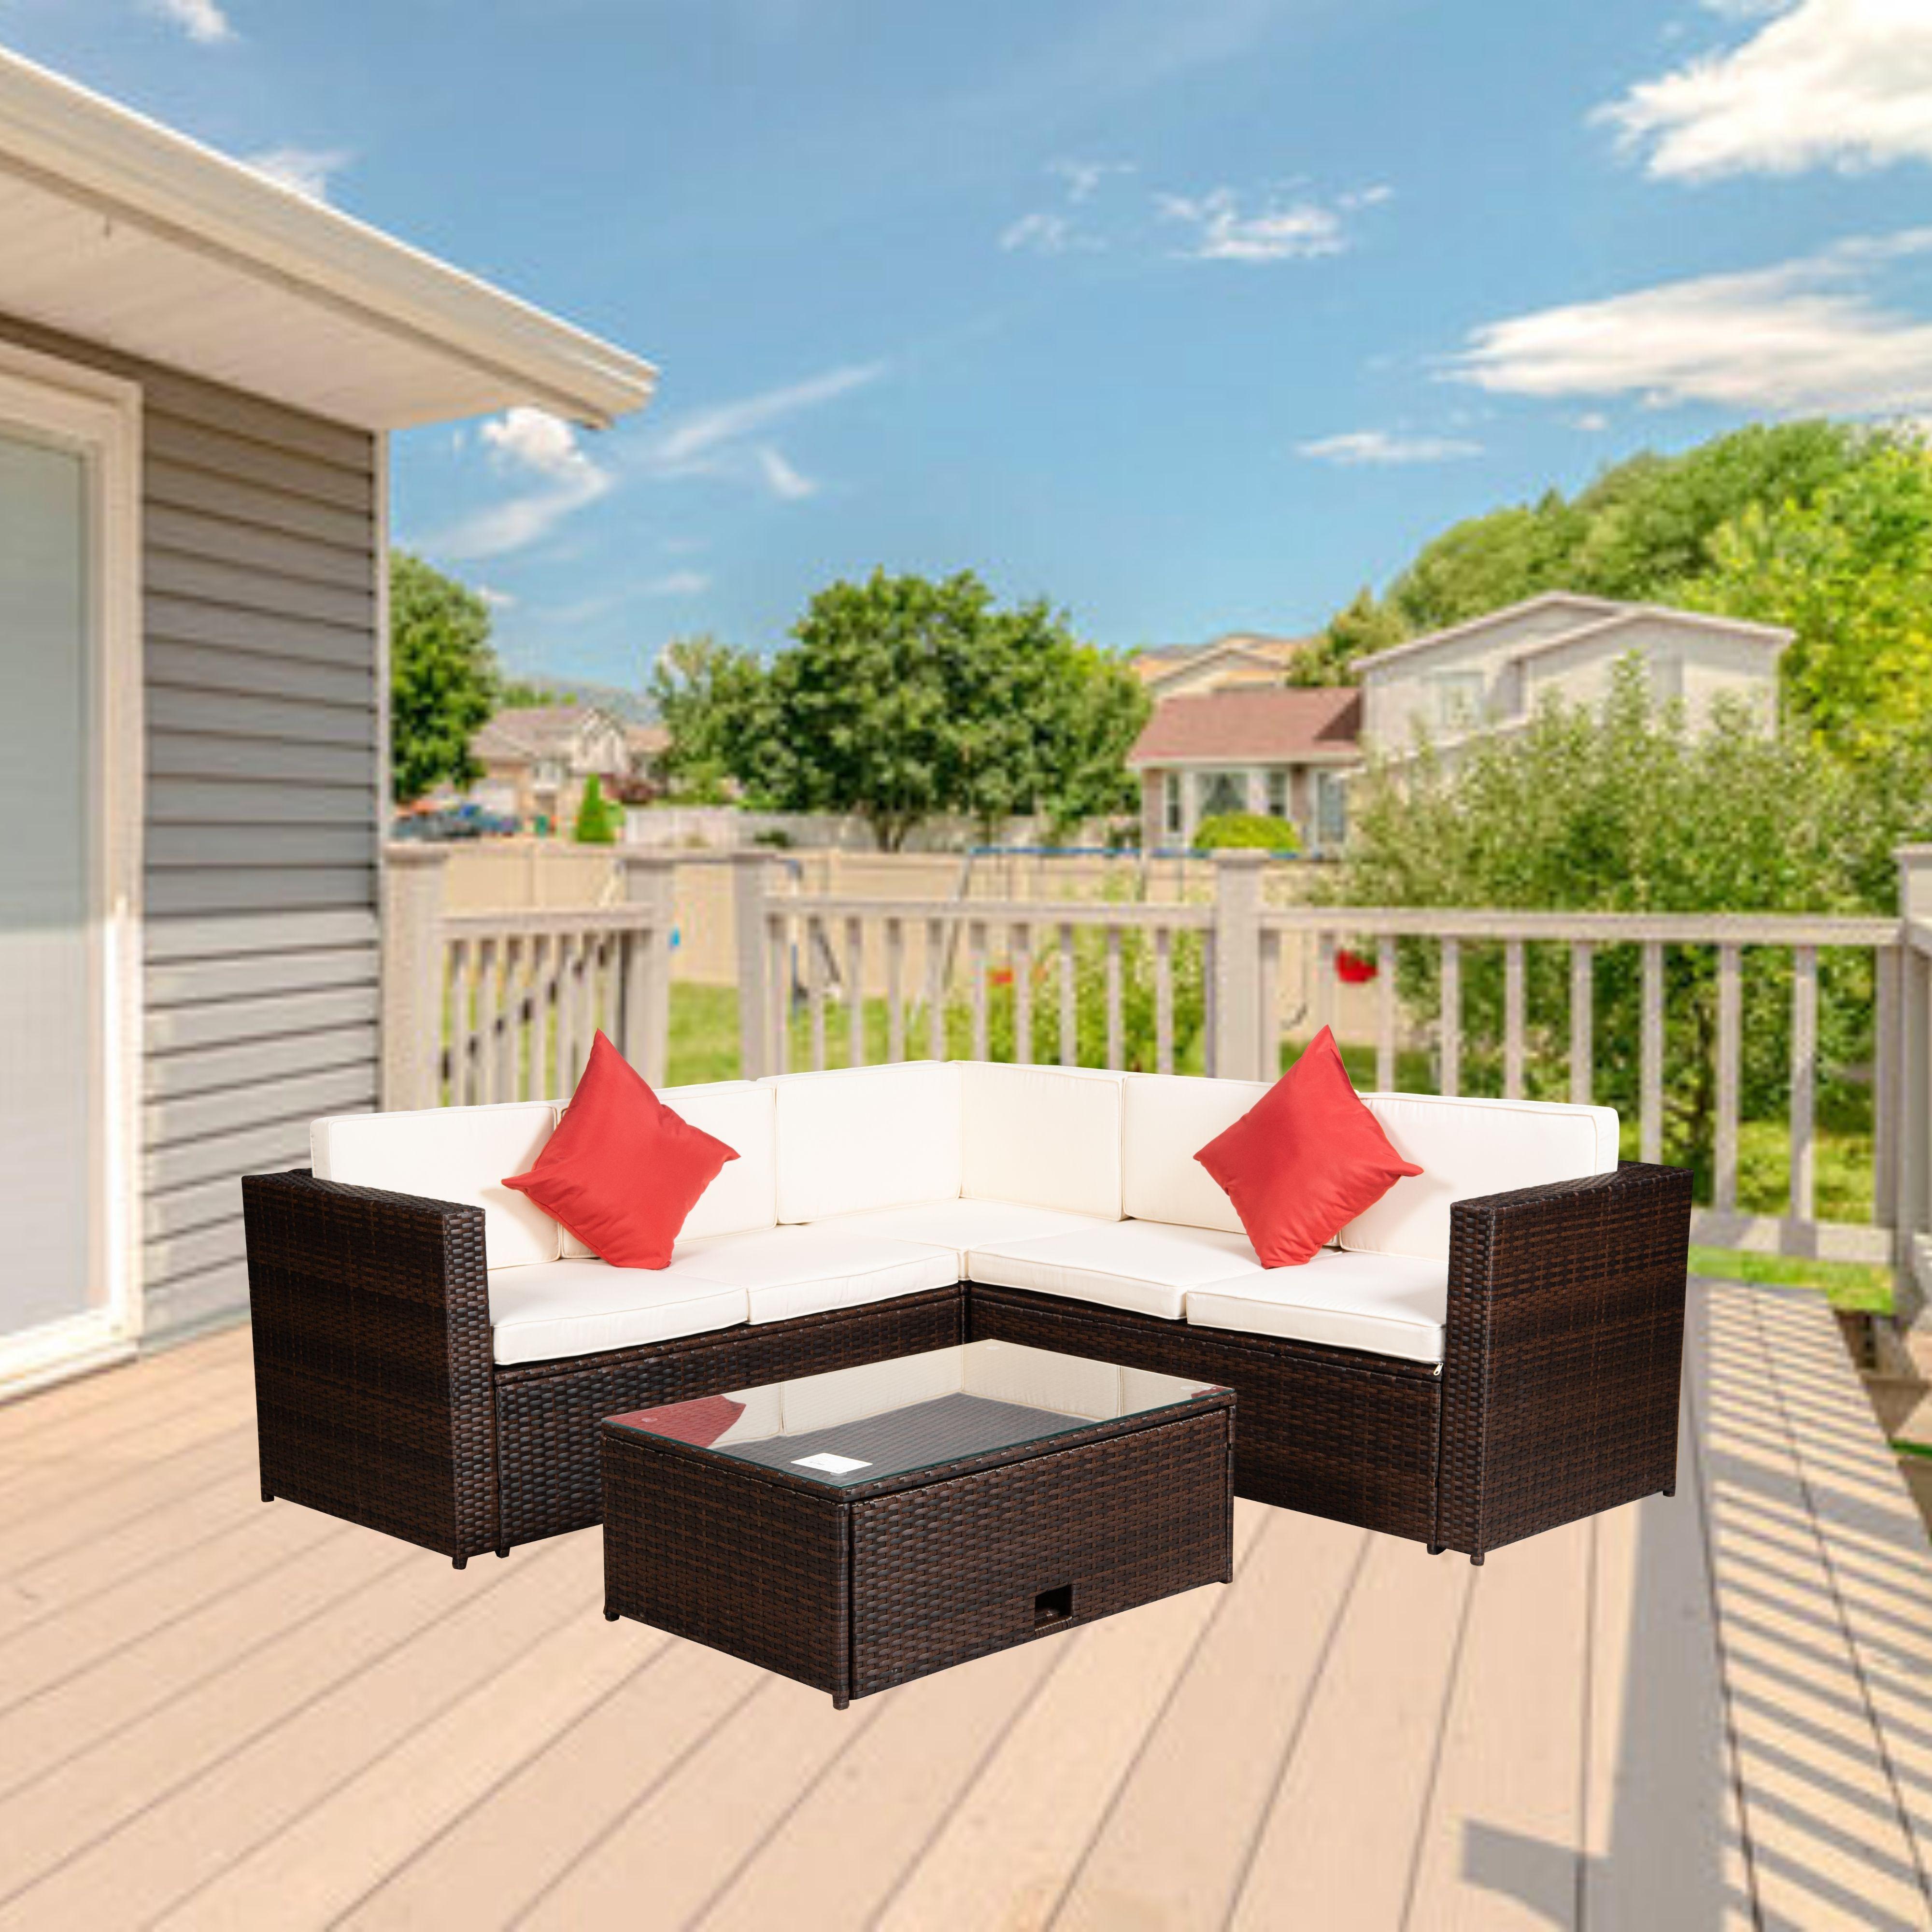 Набор секционных диванов из 4 предметов, Плетеный комплект мебели для патио в скандинавском стиле, садовая мебель для дома